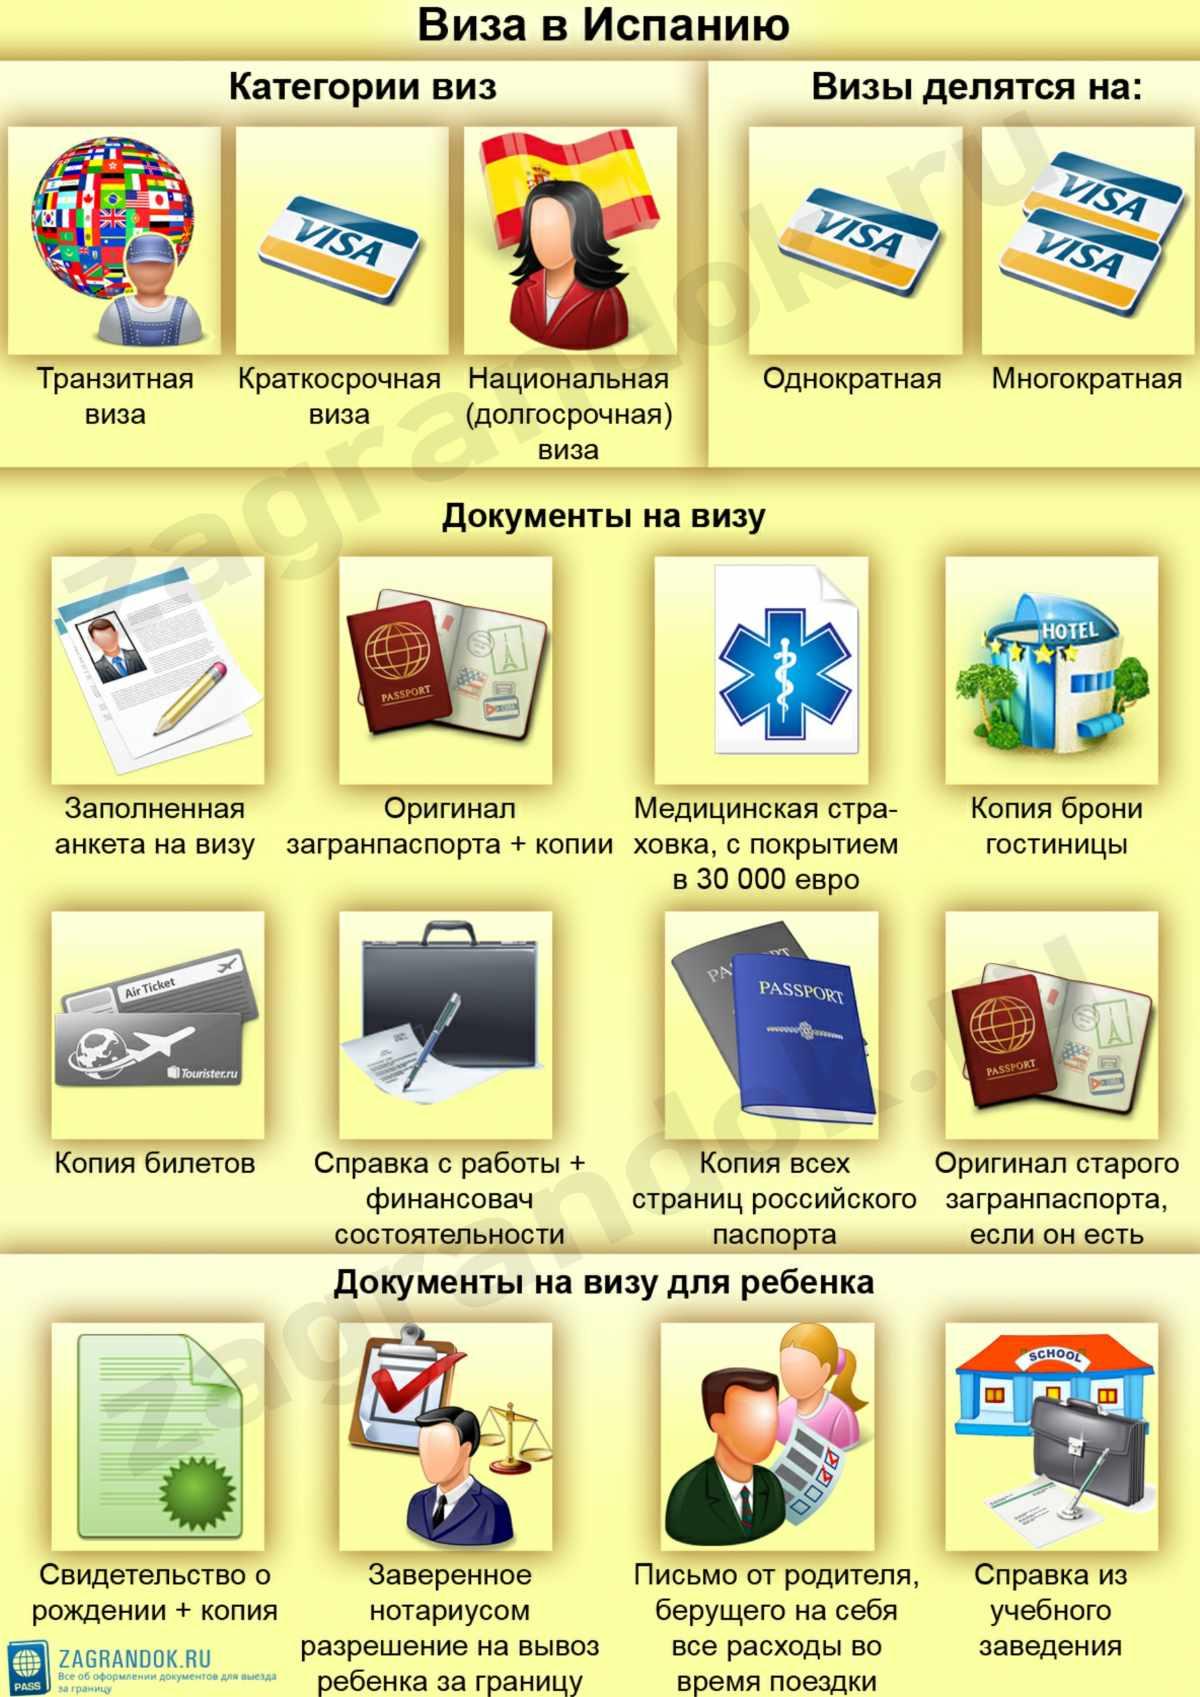 Виза в Испанию для белорусов в 2017 году